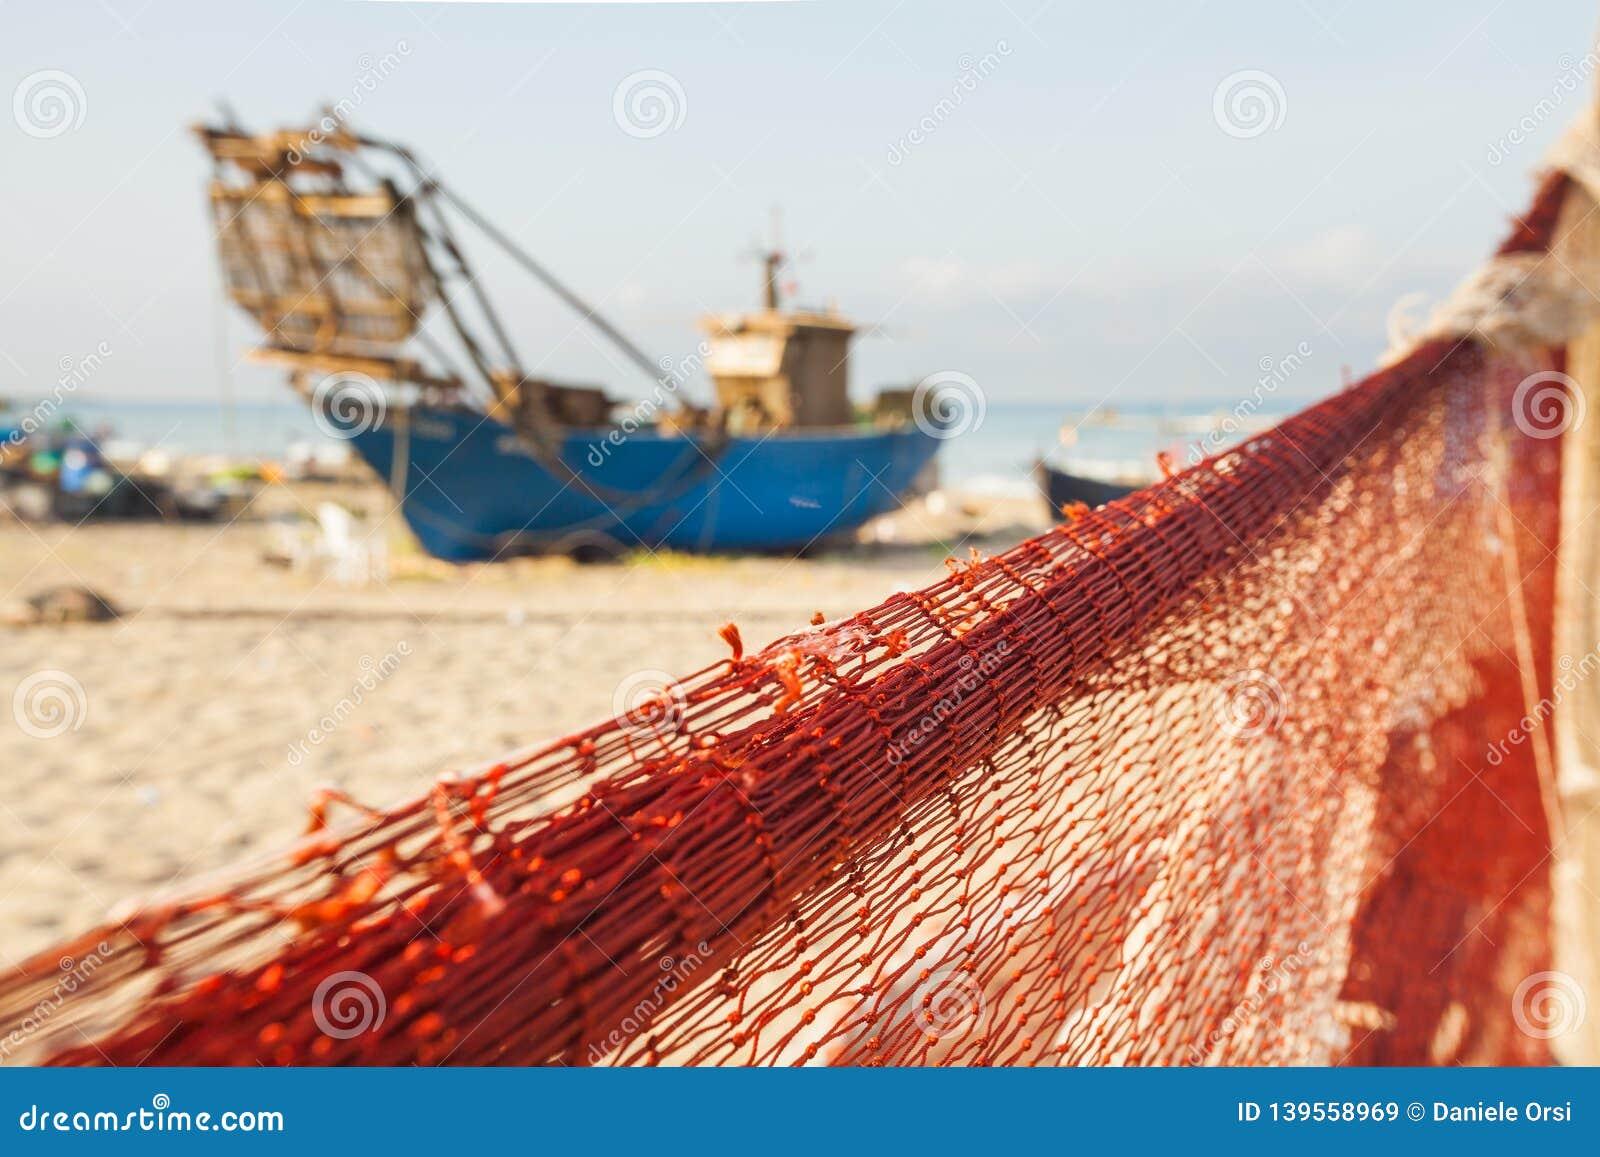 Una vista di una rete da pesca davanti alla barca sulla spiaggia Bei mare calmo ed acqua durante il giorno di estate caldo